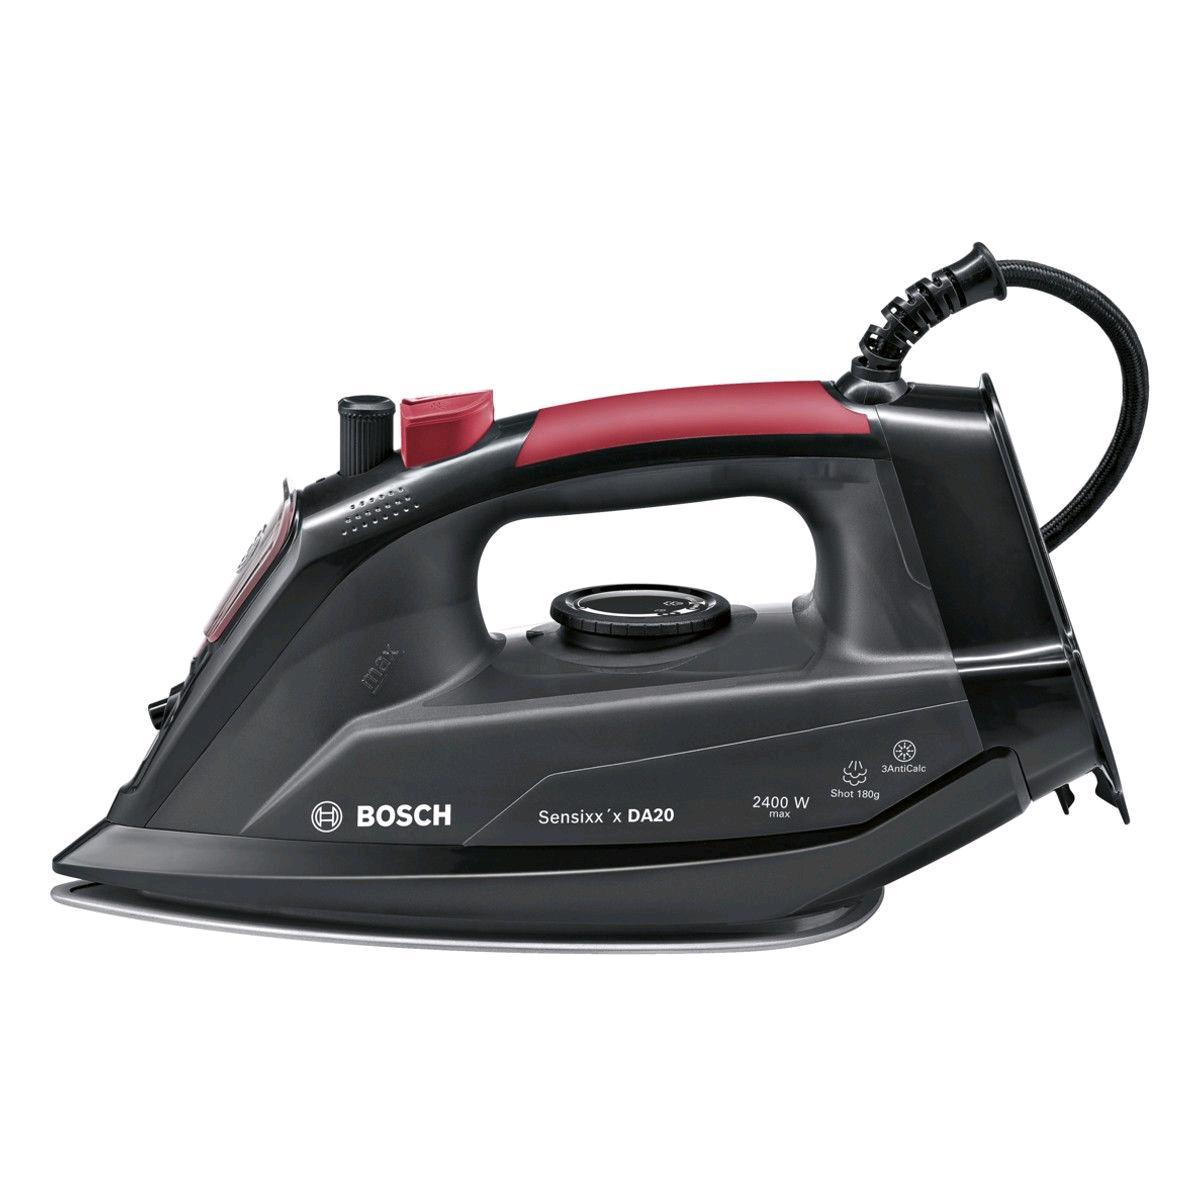 Bosch Steam Iron 2400w 330ml Tank Black & Red